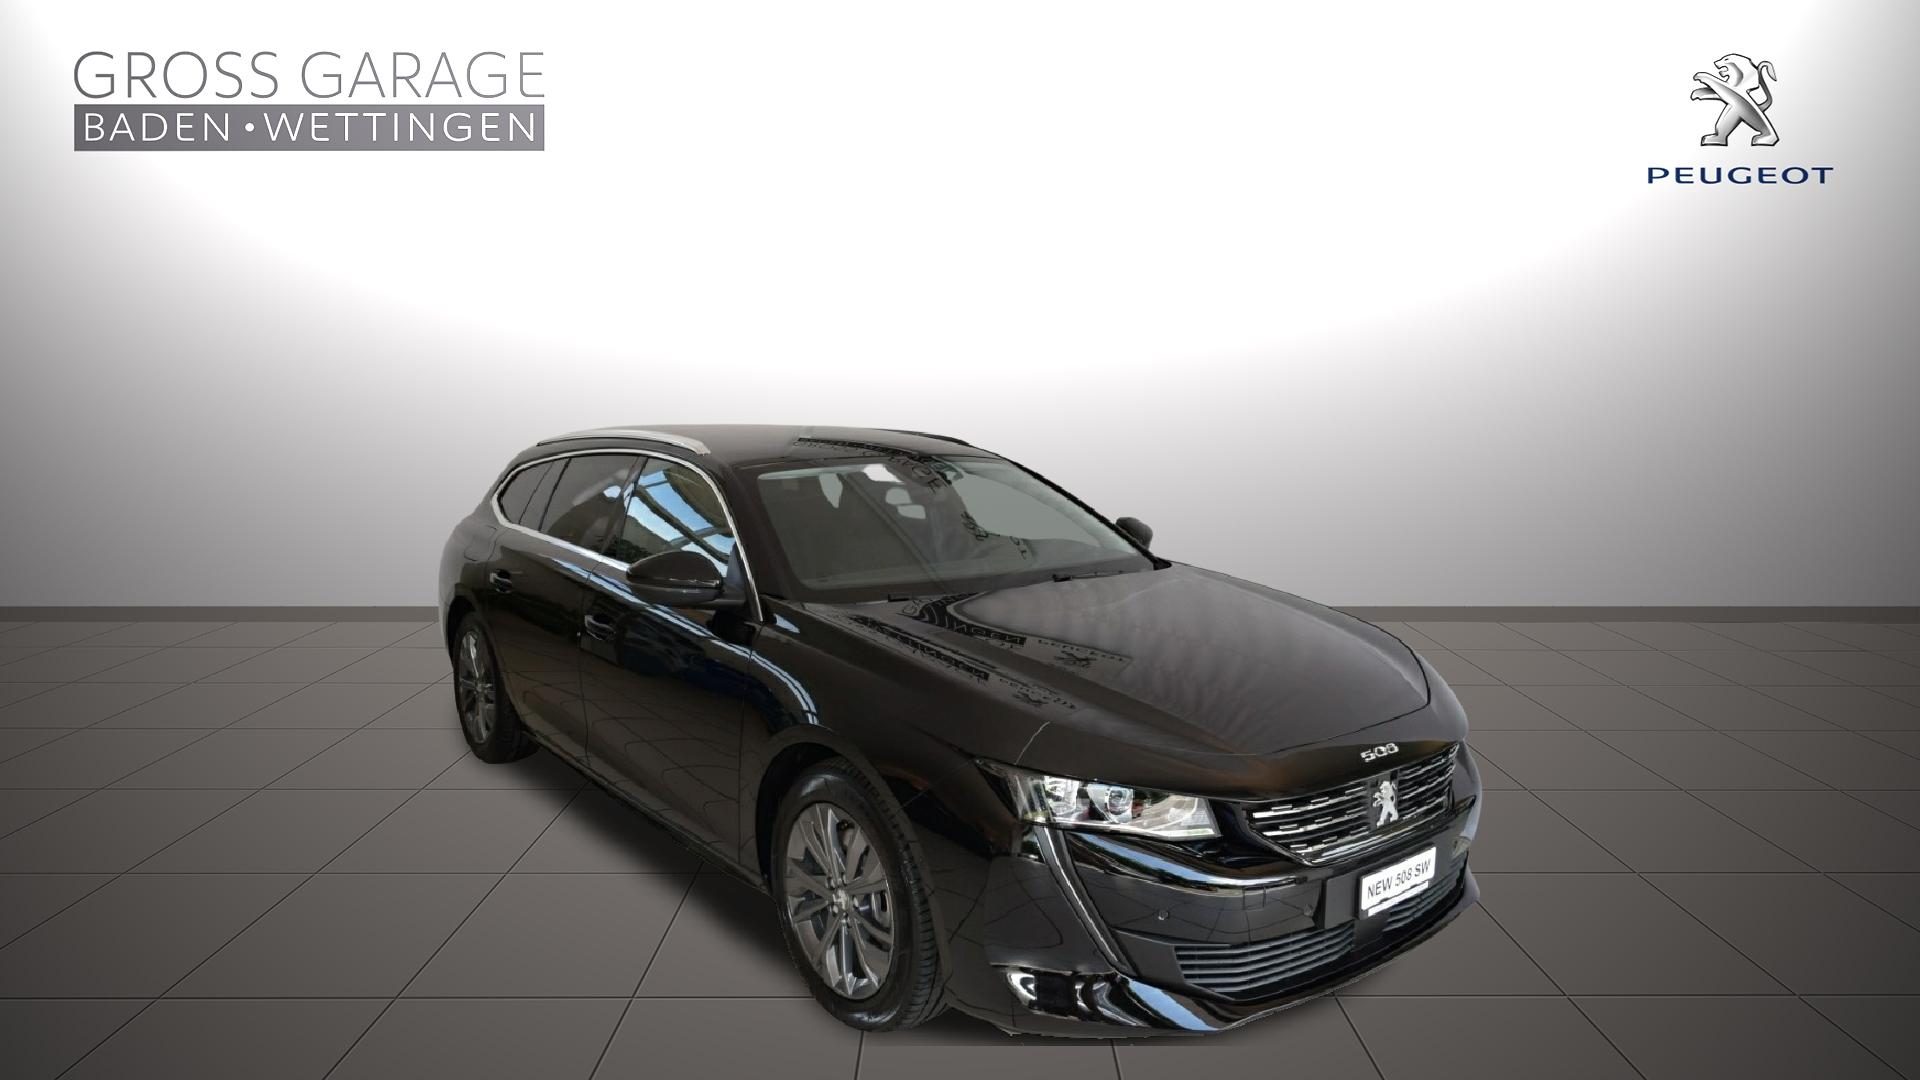 estate Peugeot 508 SW NEW 2.0 Blue HDI Allu. 508